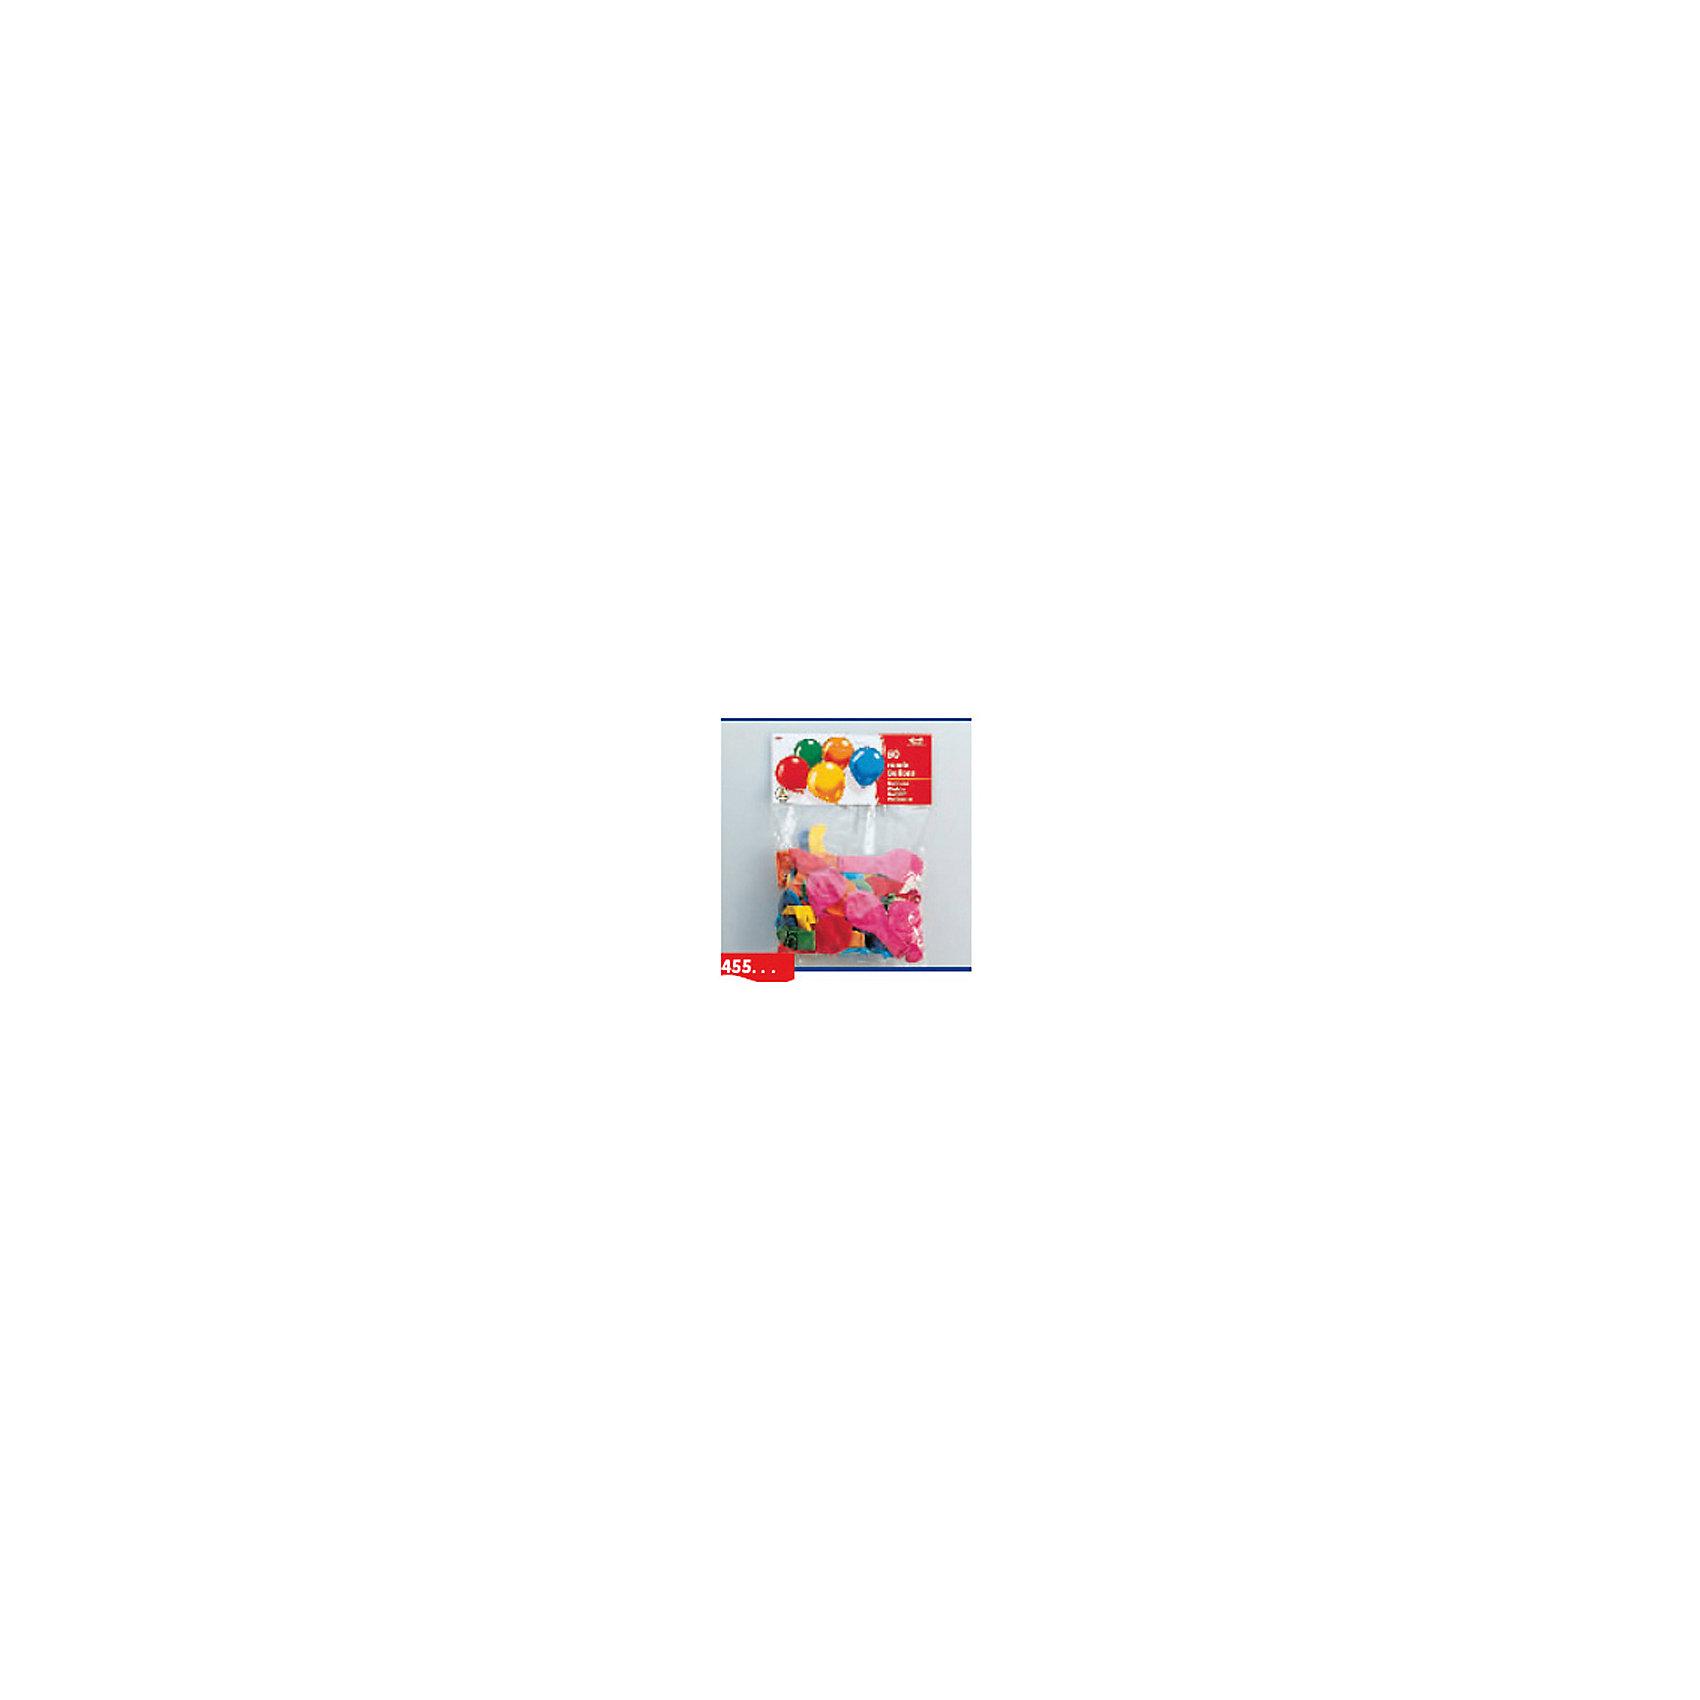 10 разноцветных шариковВсё для праздника<br>Размер упаковки: 14,5х22 см. <br>Набор из 25 разноцветных воздушных шариков украсят любой интерьер и подойдут к любому торжественному случаю. Положительные эмоции и праздничное настроение будут на высоте! @#<br>В набор входит 25 воздушных шариков разных цветов.<br><br>Ширина мм: 150<br>Глубина мм: 230<br>Высота мм: 10<br>Вес г: 10<br>Возраст от месяцев: 36<br>Возраст до месяцев: 120<br>Пол: Унисекс<br>Возраст: Детский<br>SKU: 6912890